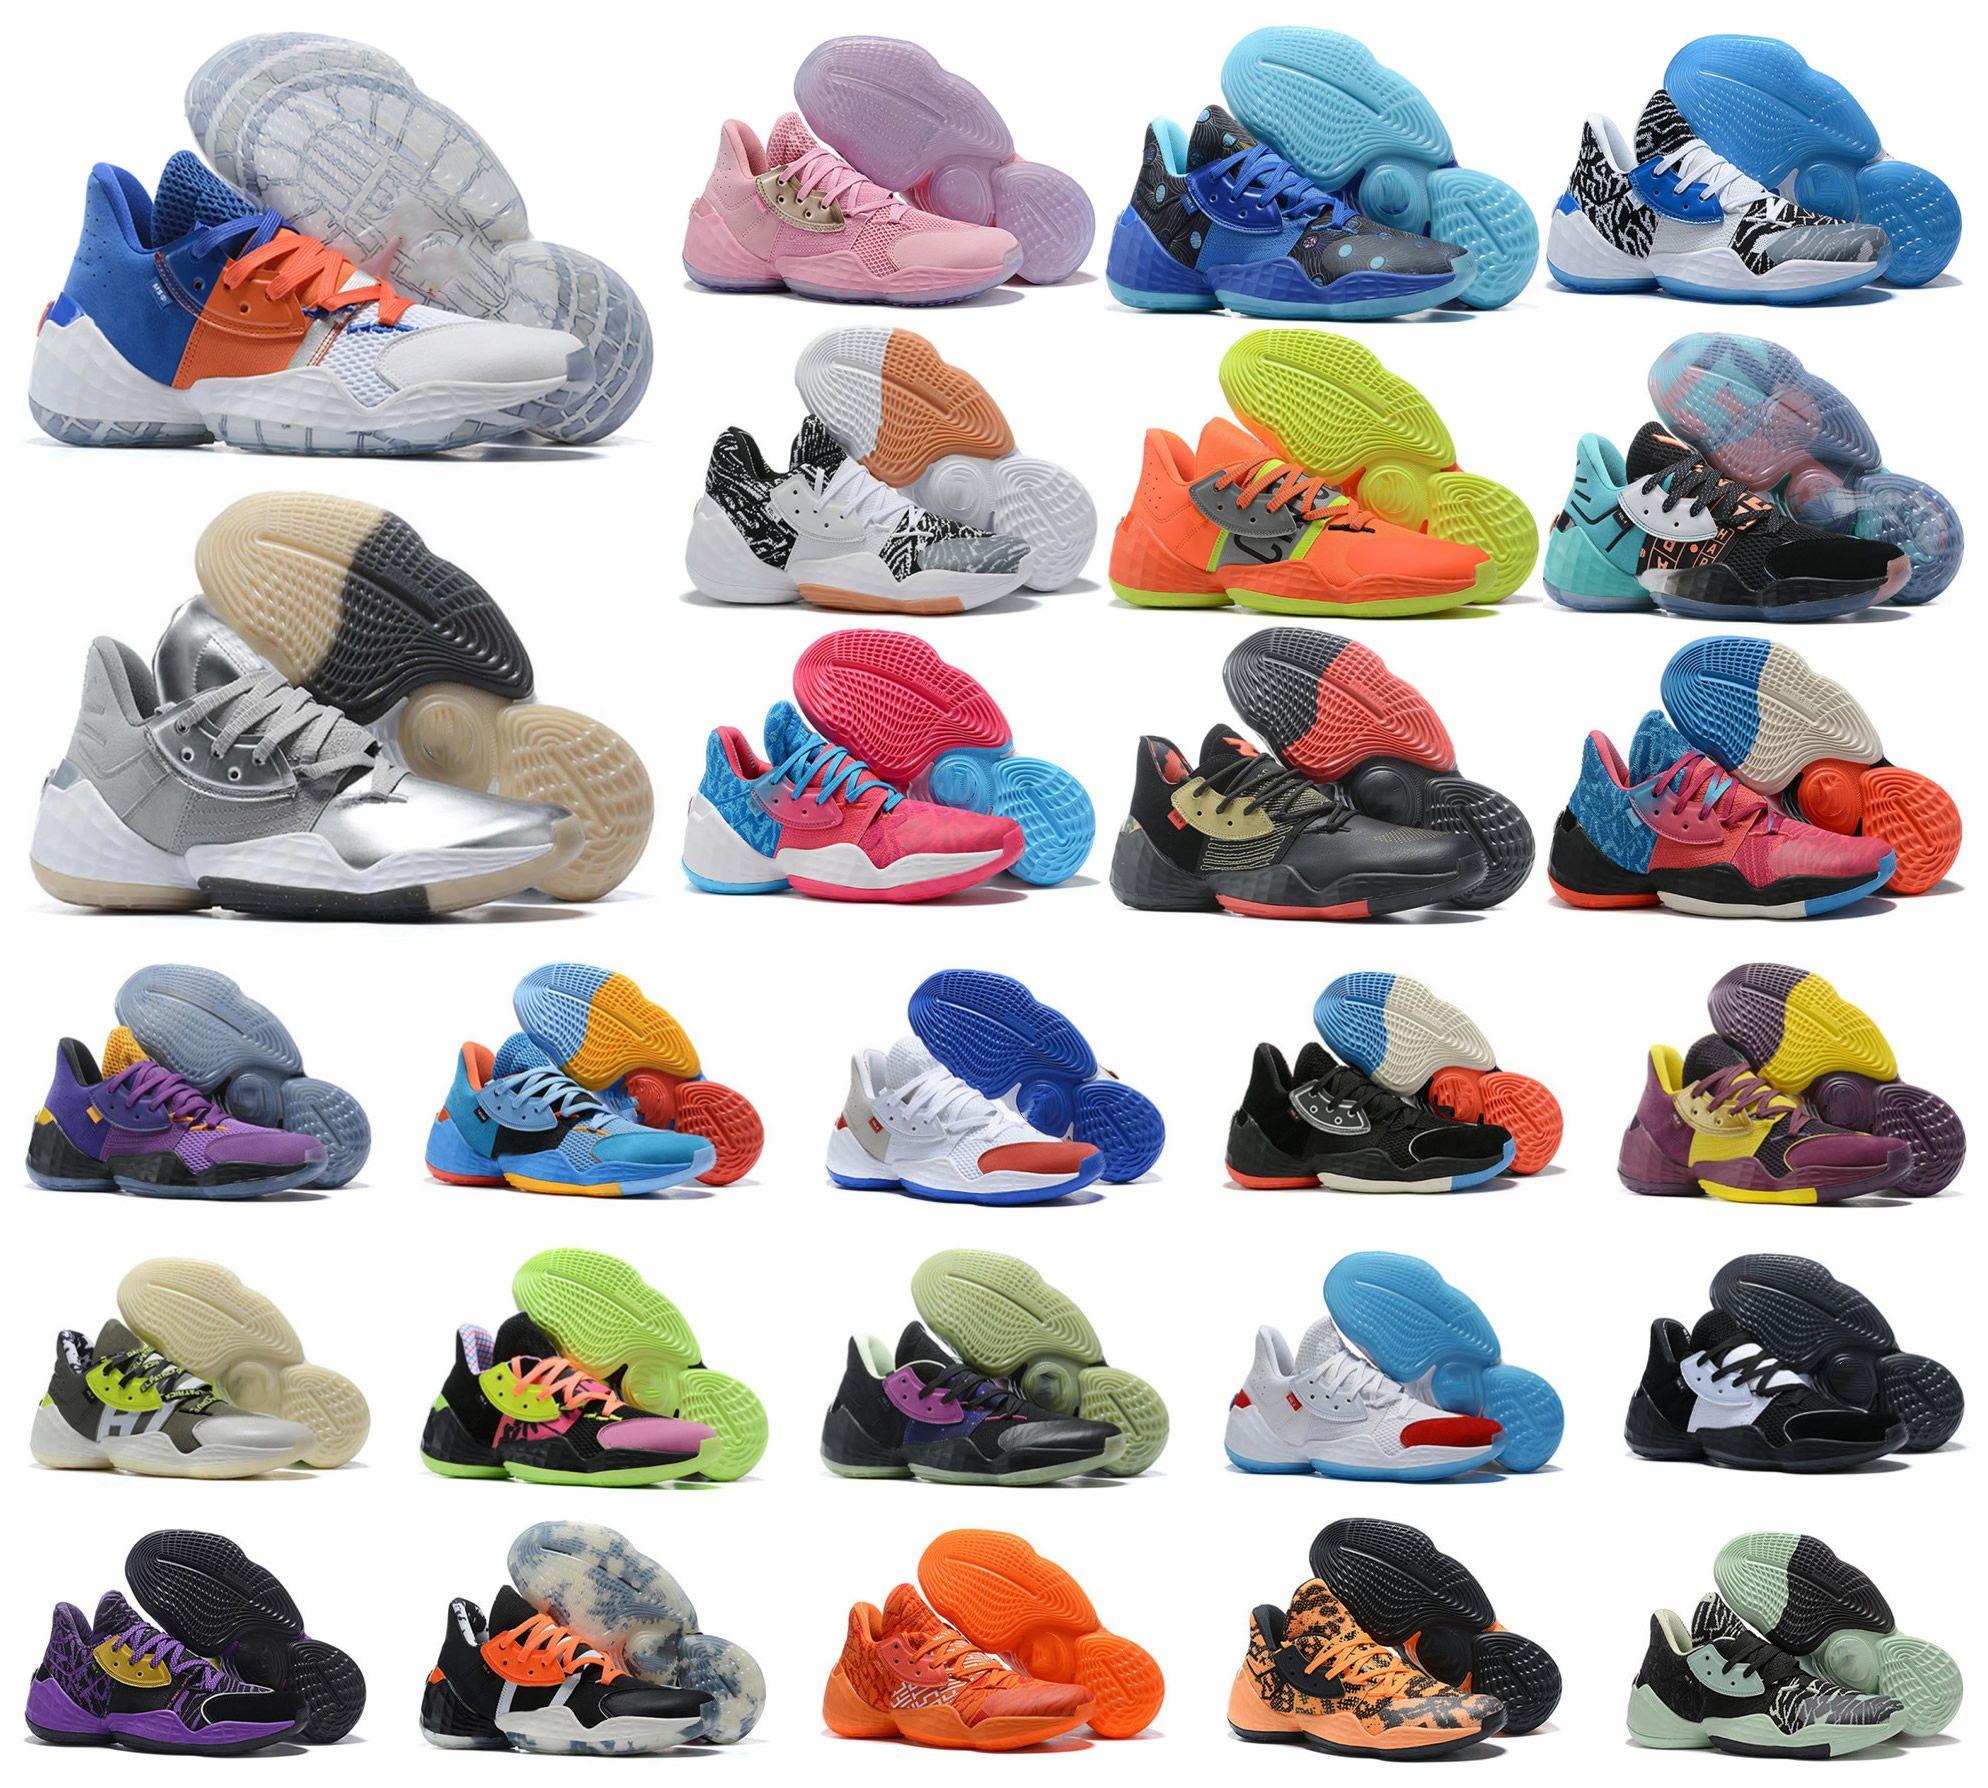 Erkekler Sertenler Vol.4 4 S IV Erkek Basketbol Ayakkabı Açık Spor Eğitim Sneakers Boyutu US7-12